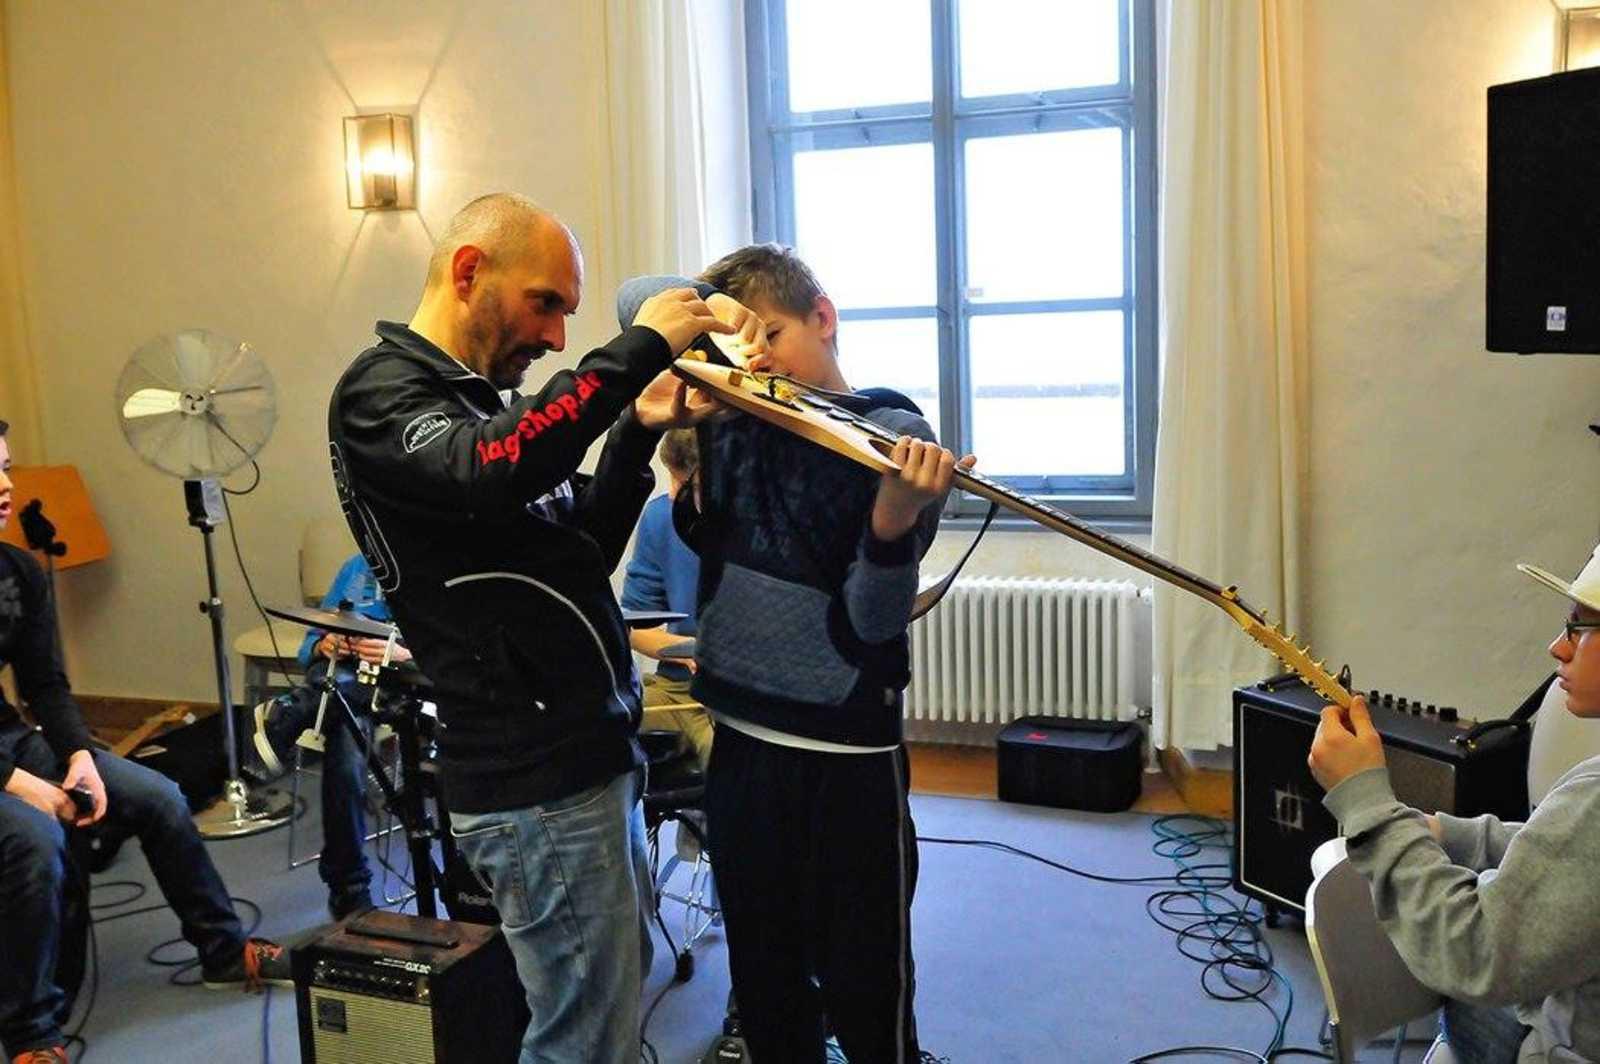 Foto: Musikakademie